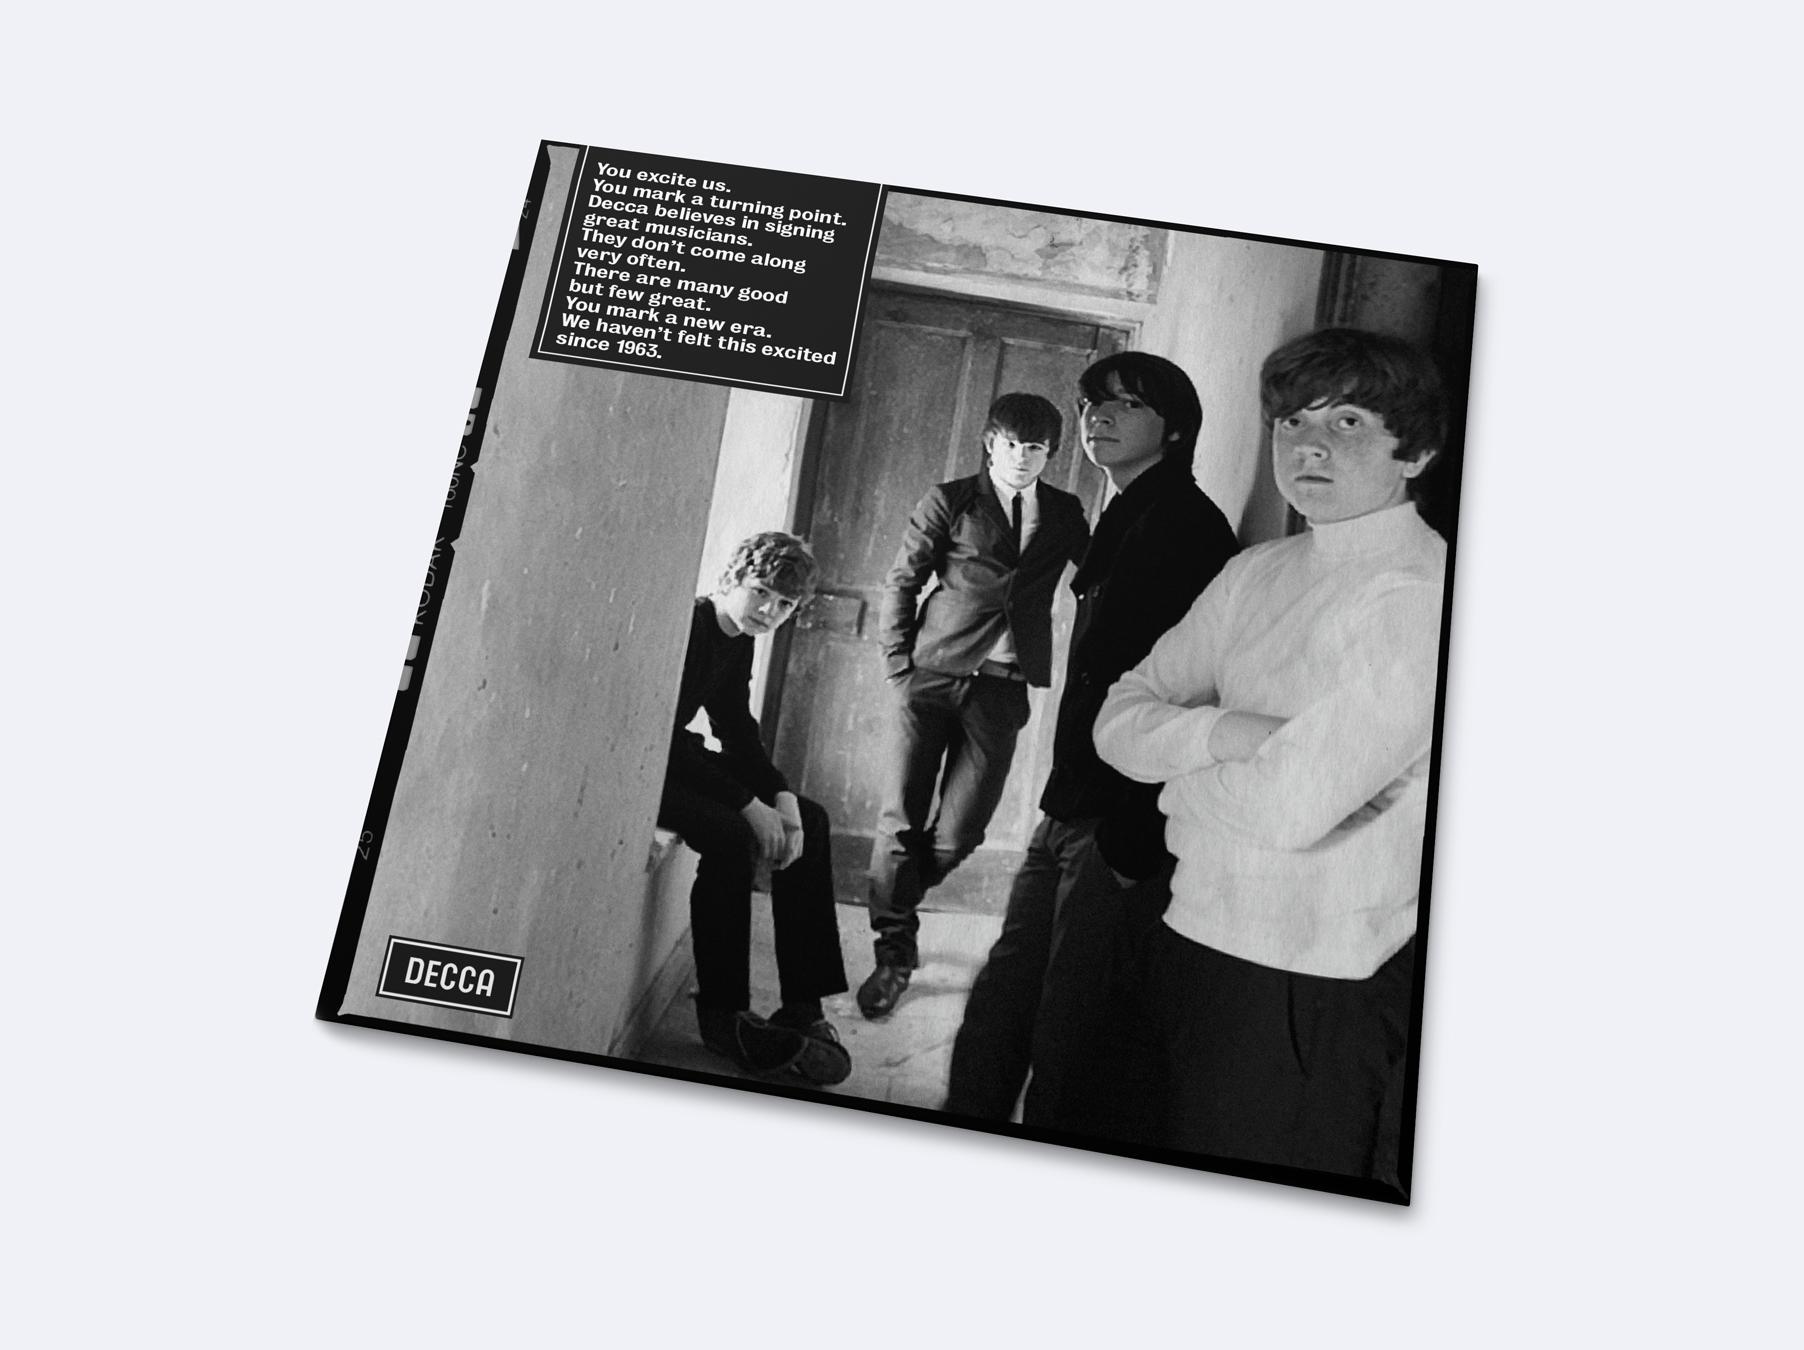 1804x1350_Decca 2.jpg